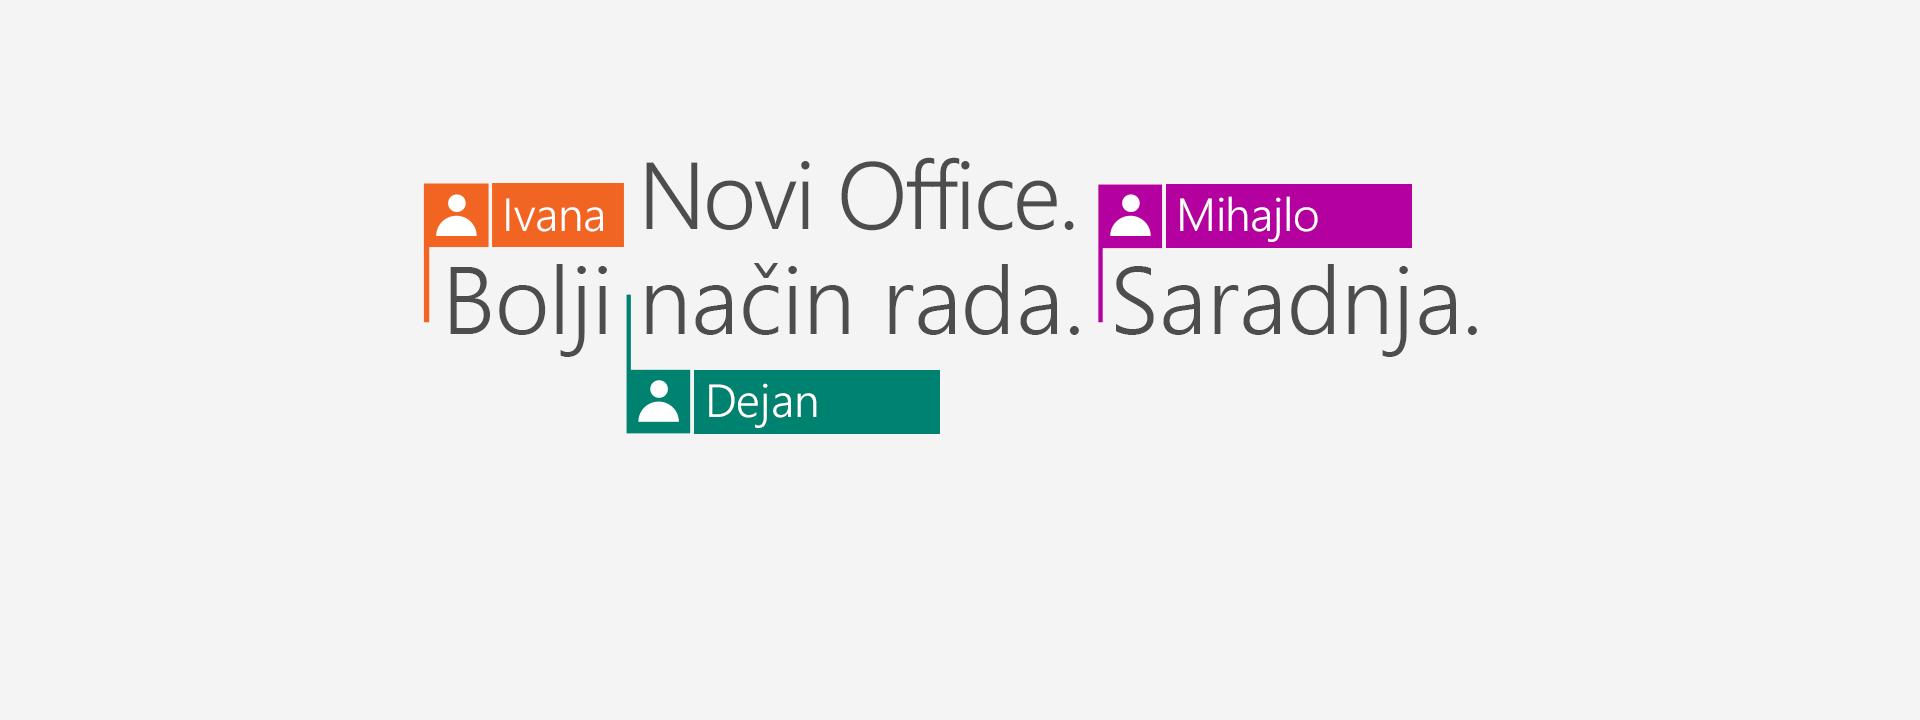 Kupite Office 365 da biste dobili nove aplikacije za 2016.